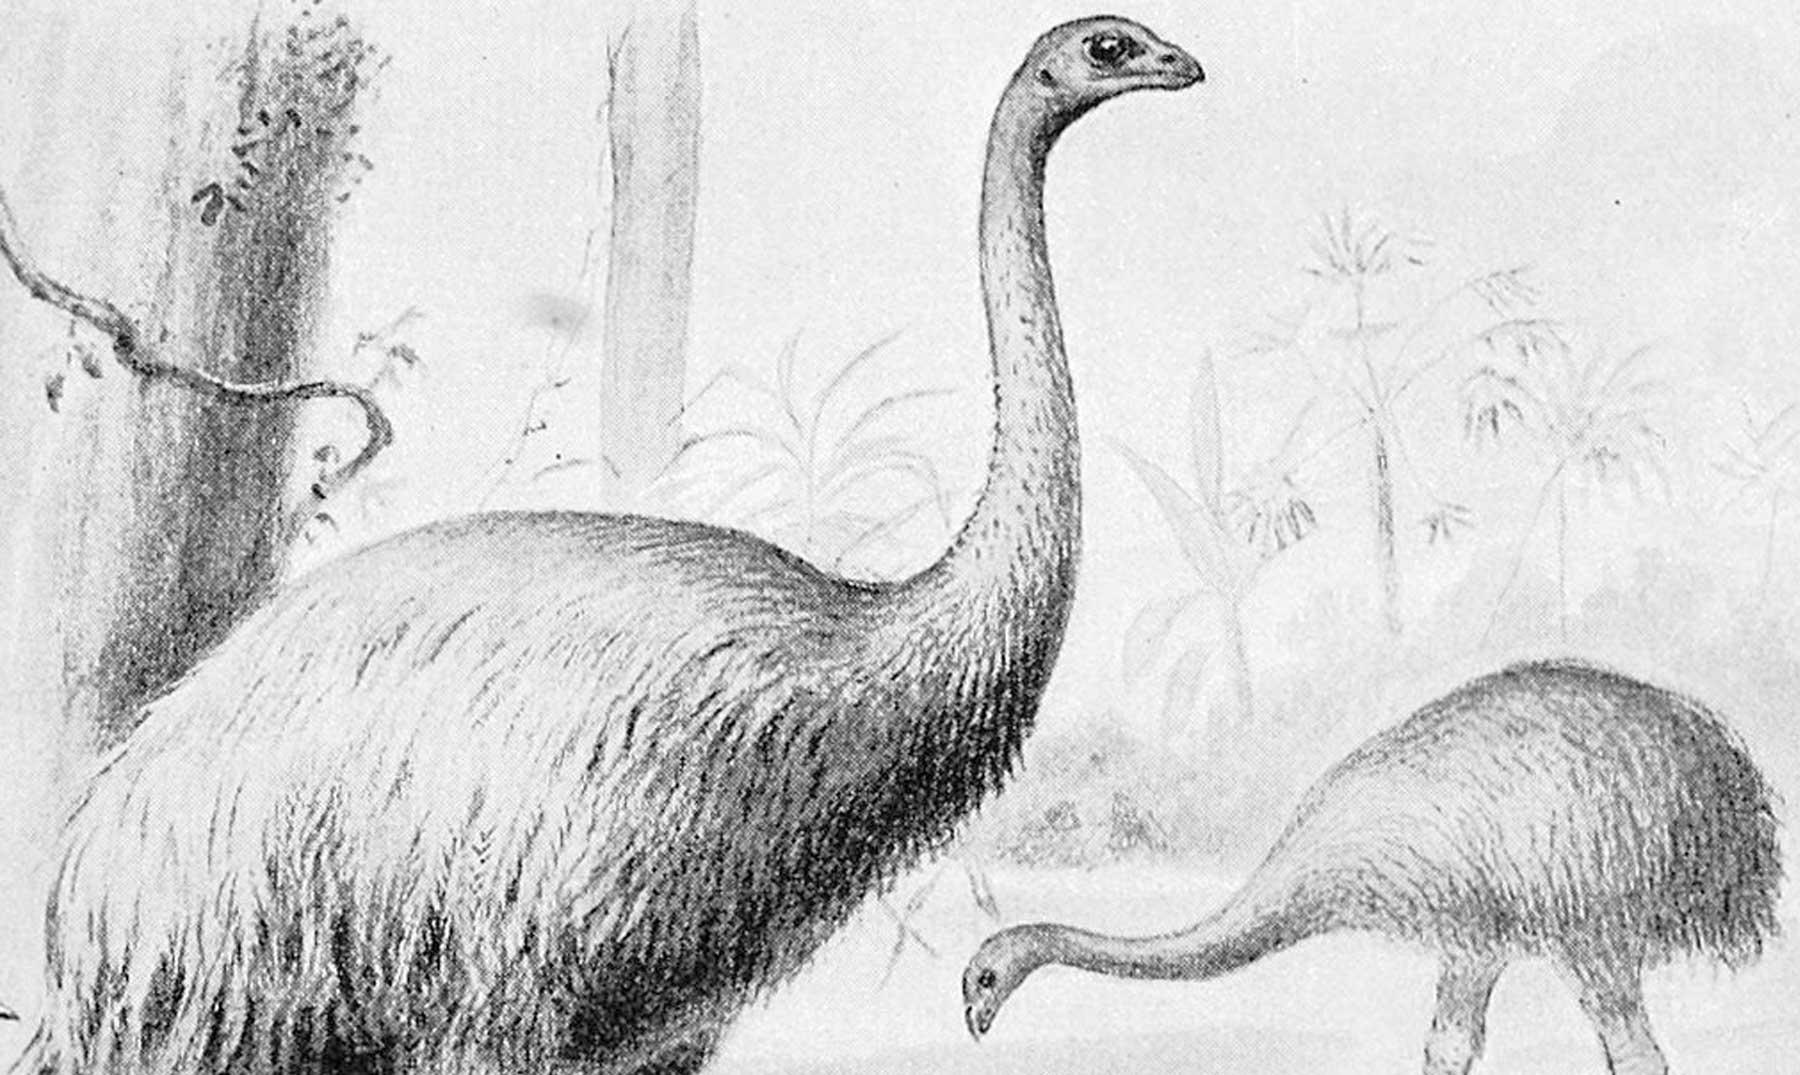 Moa, el ave gigante de Nueva Zelanda